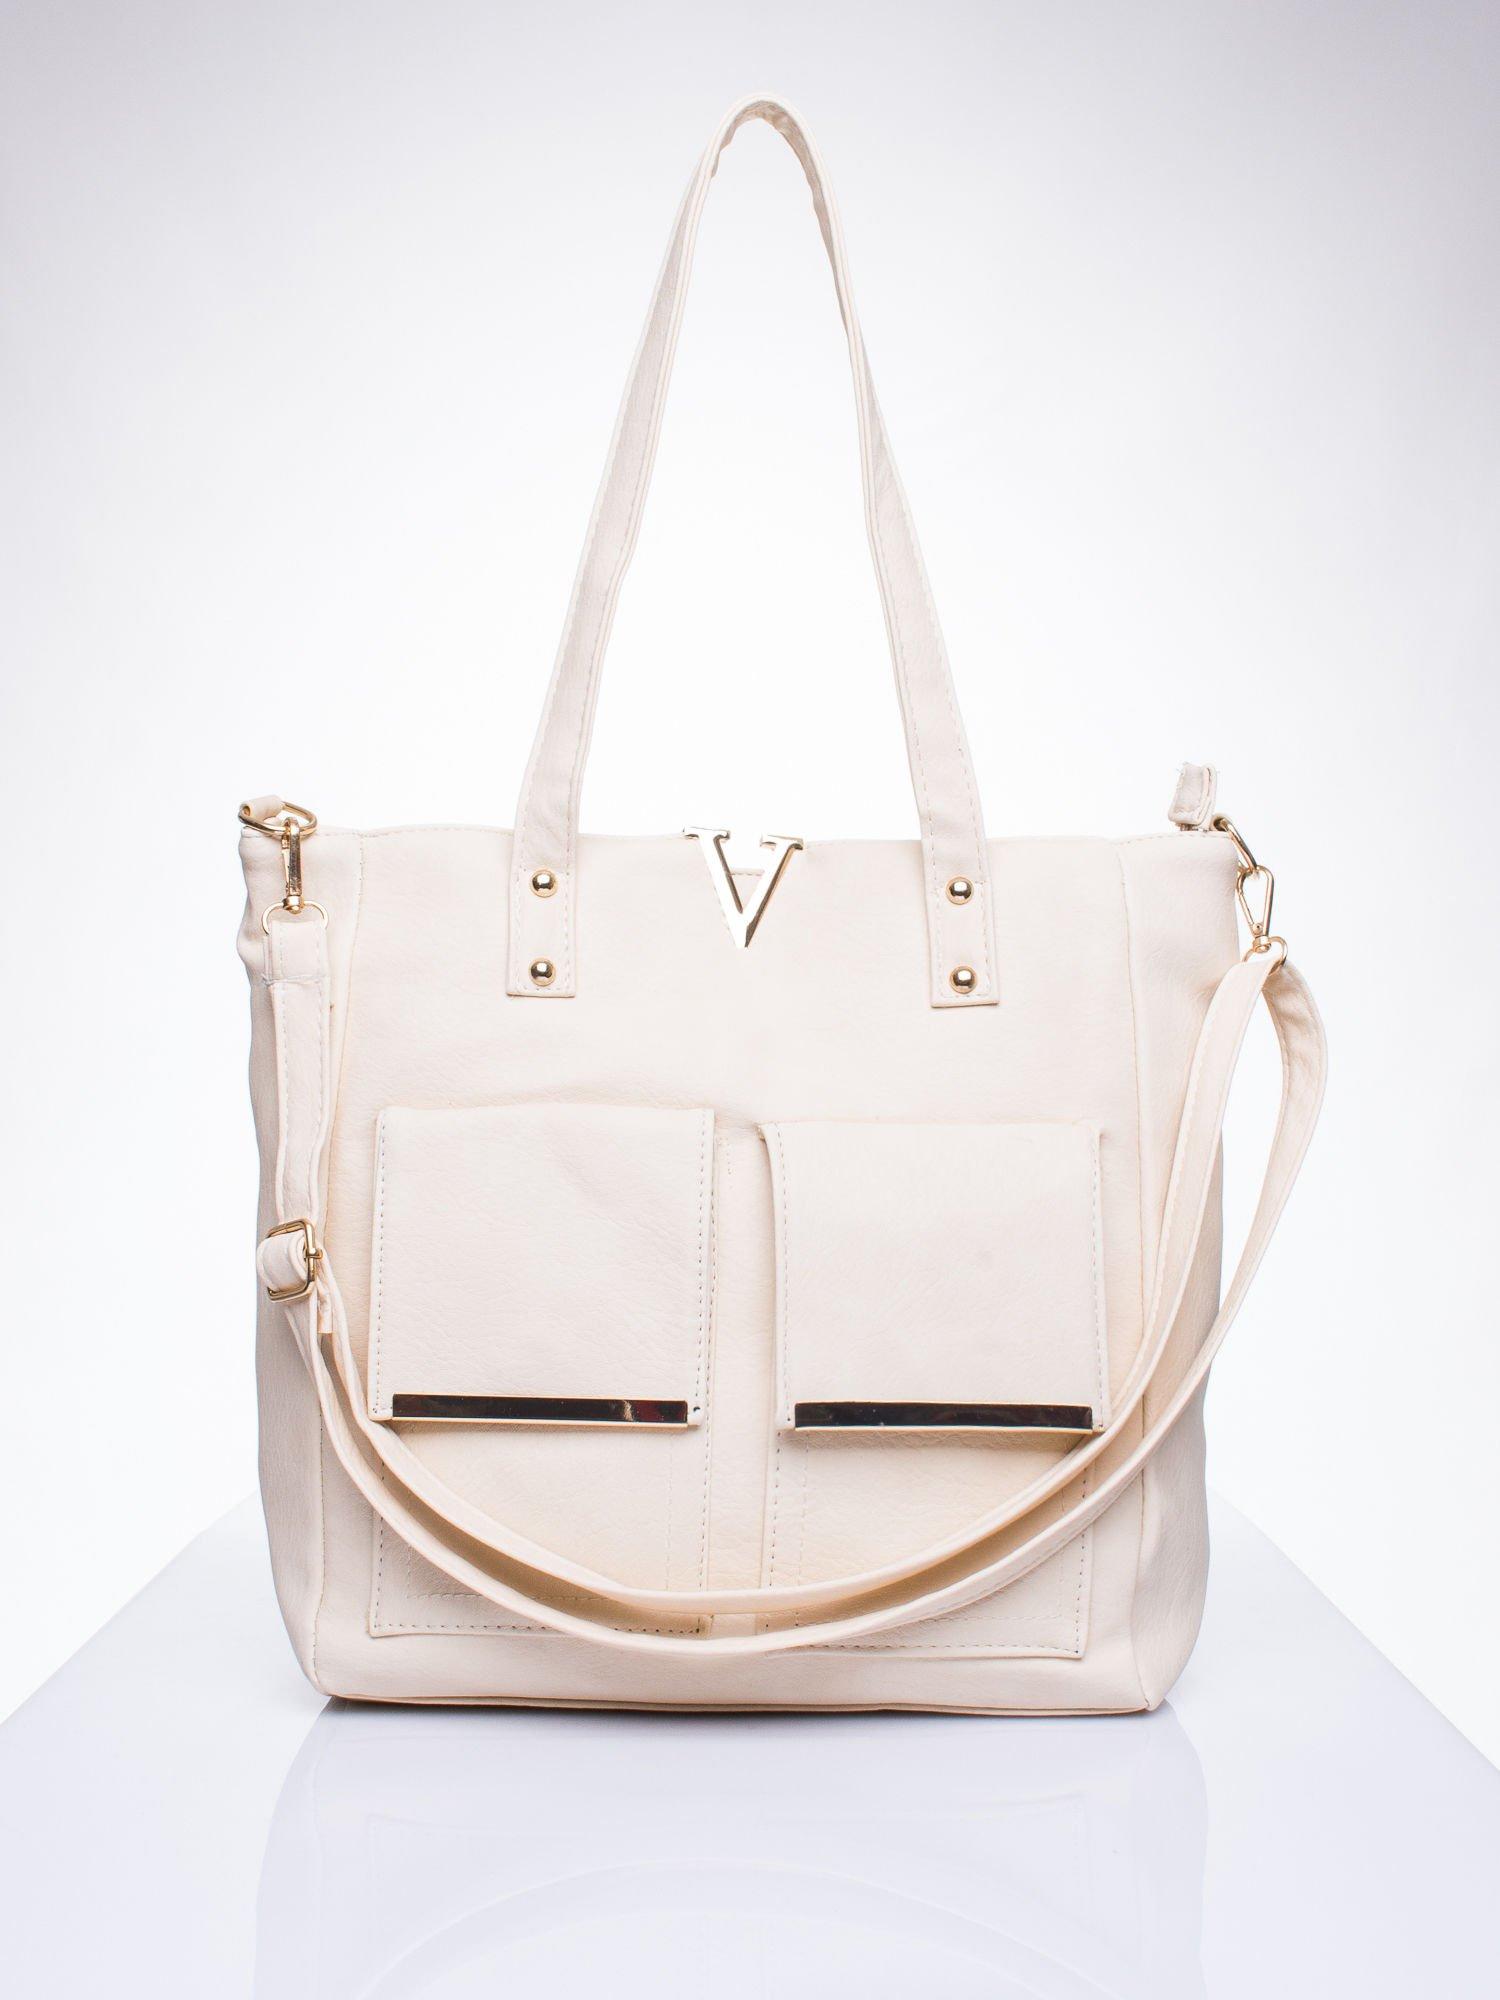 Kremowa torba shopper bag ze kieszeniami na klapki                                  zdj.                                  1